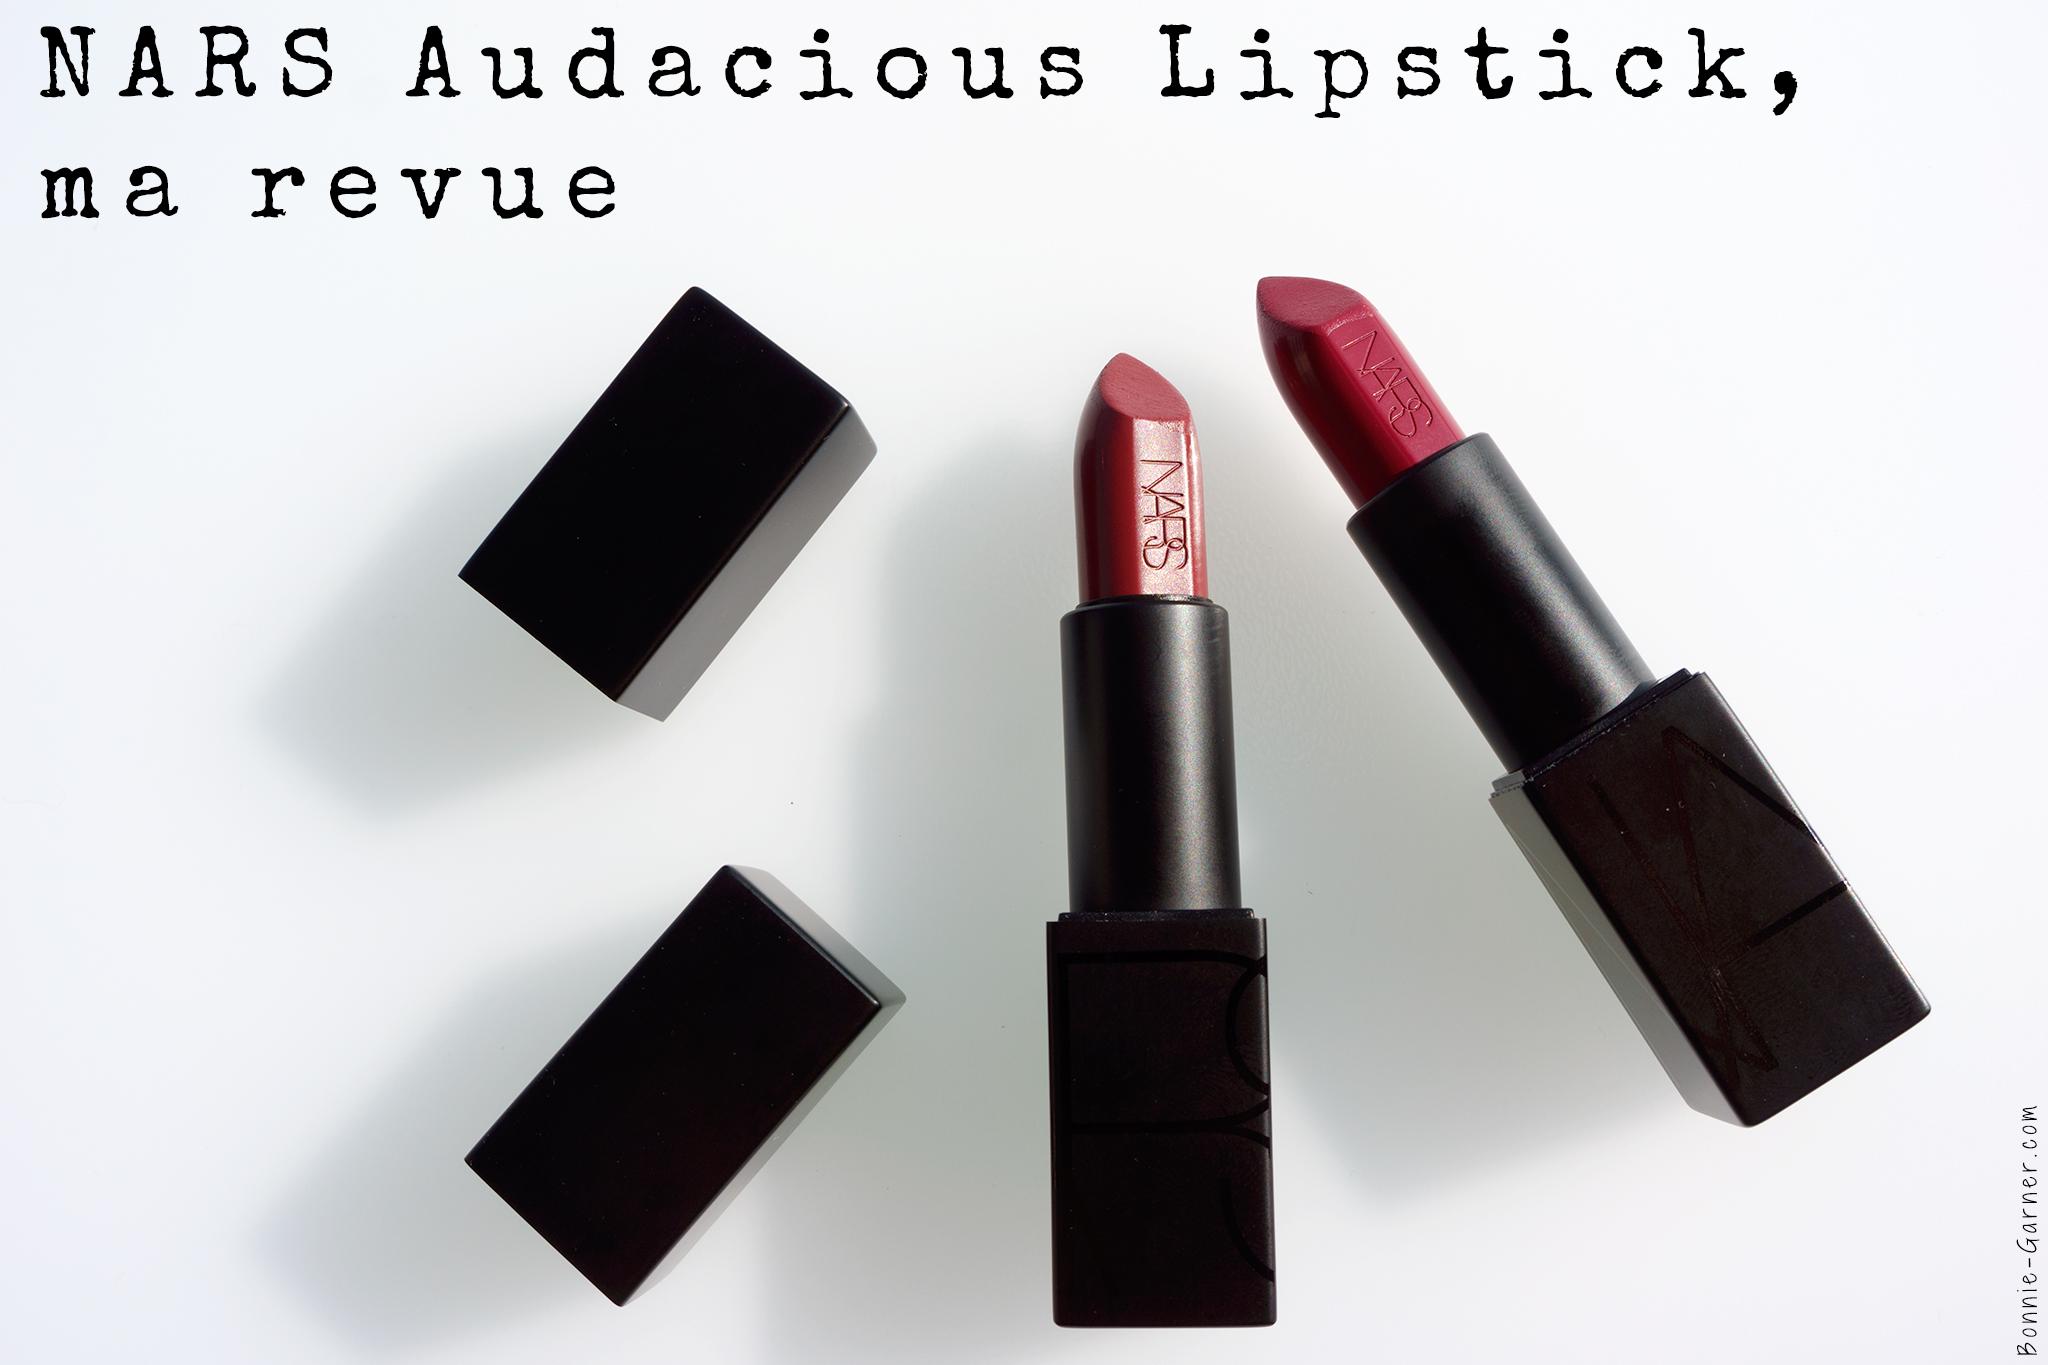 Les rouges à lèvres Nars Audacious lipstick, ma revue